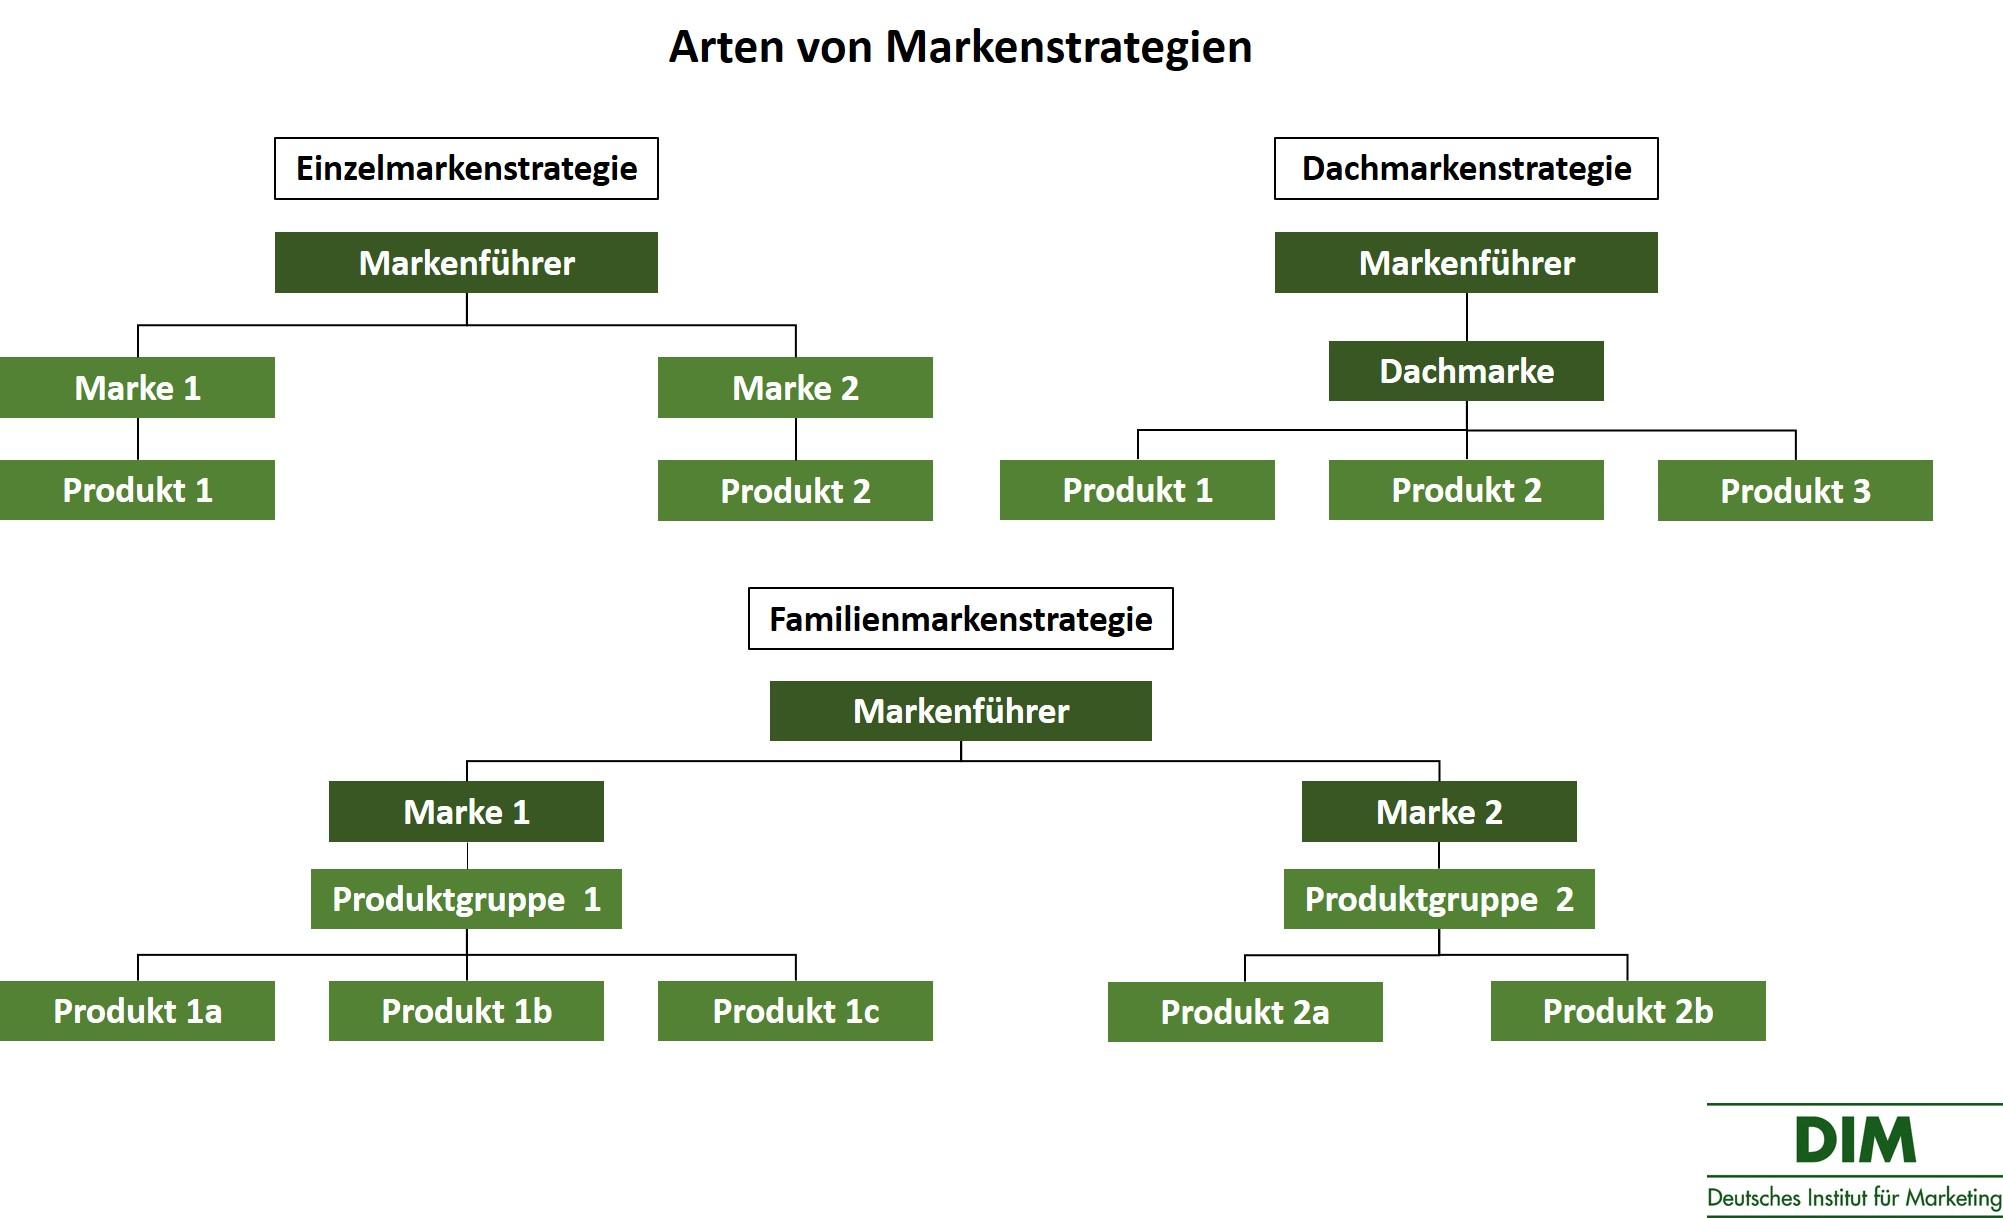 Arten von Markenstrategien